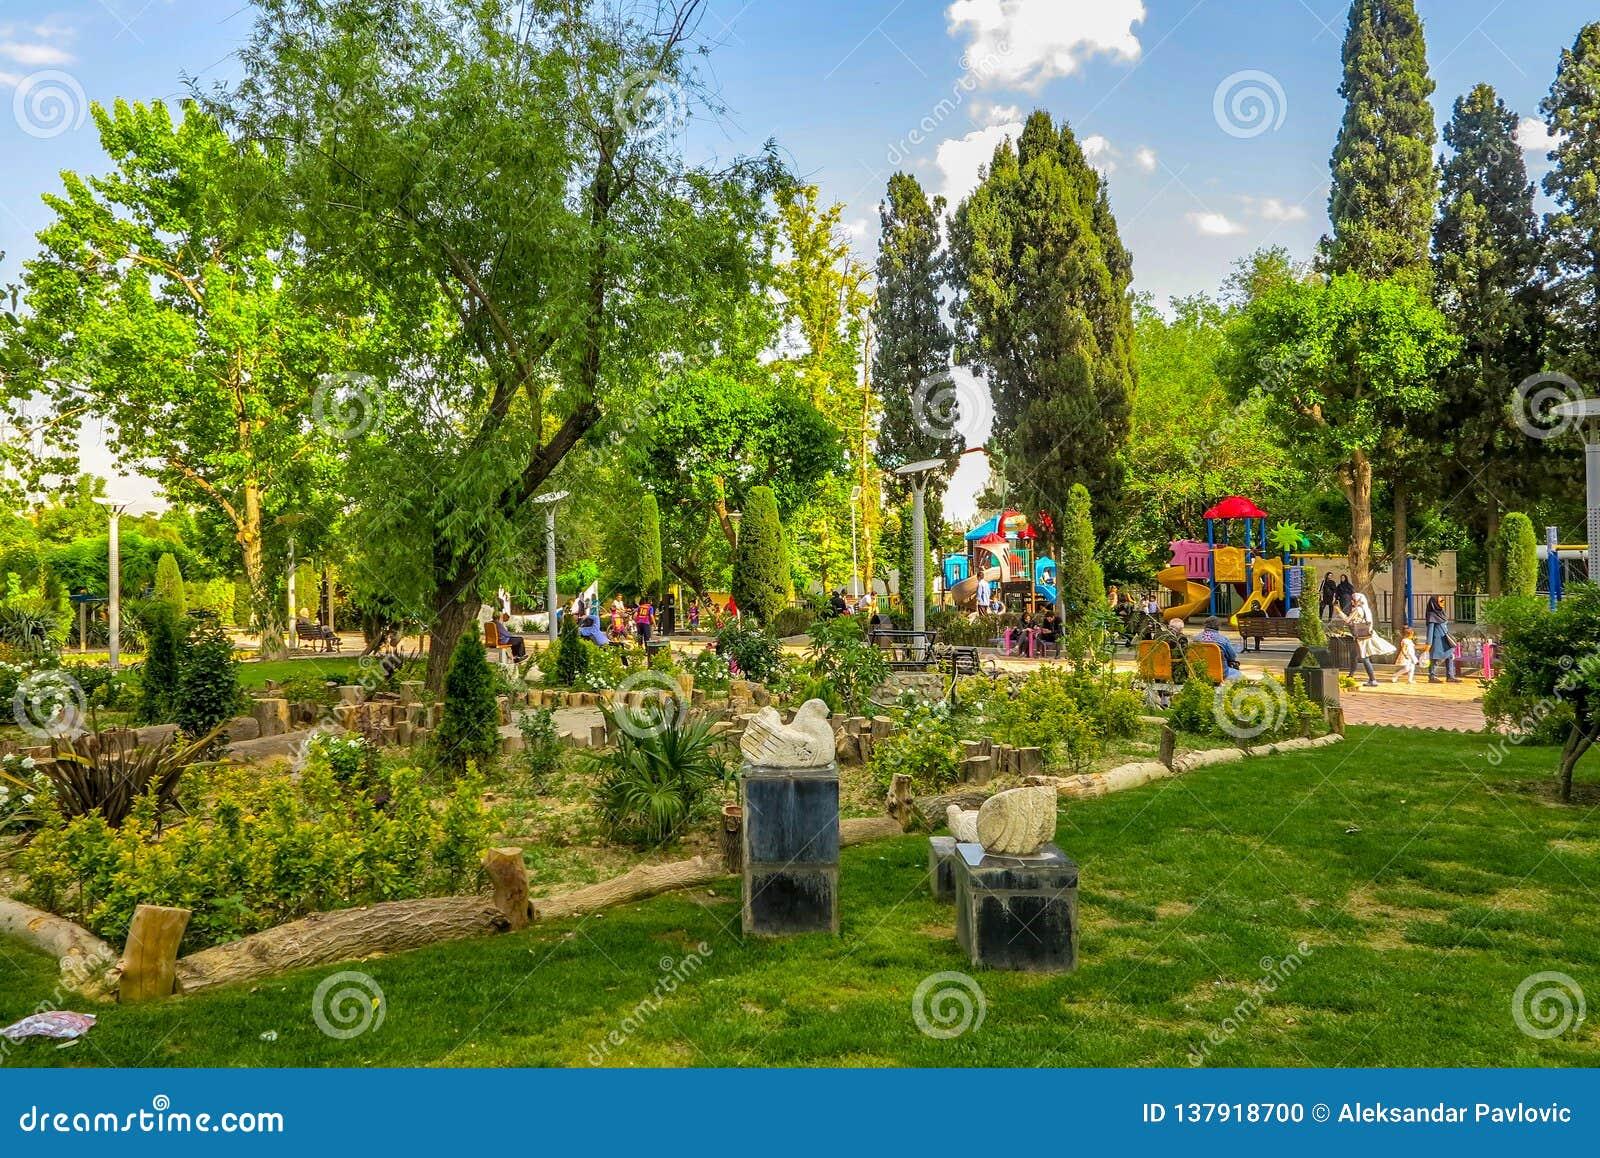 Ιρανικό πάρκο 01 καλλιτεχνών της Τεχεράνης